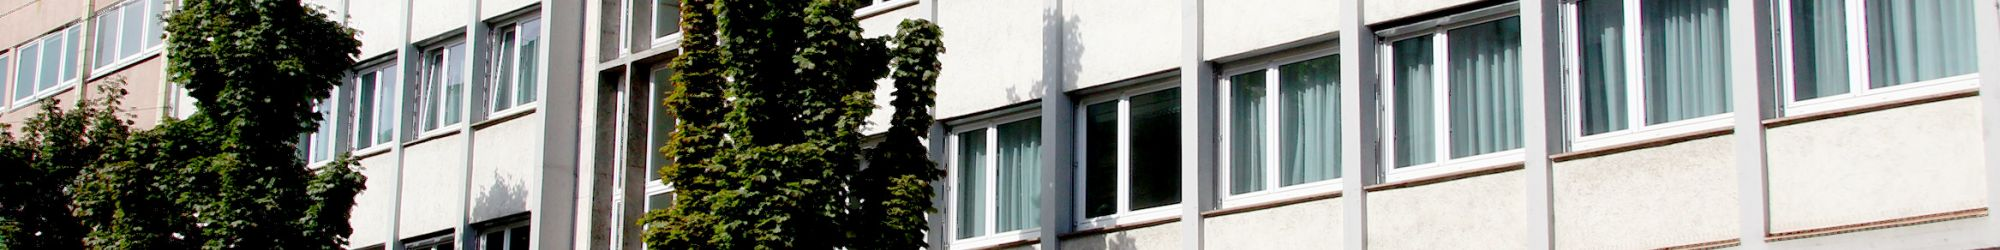 Impressum Haus Der Heimat Des Landes Baden Wurttemberg